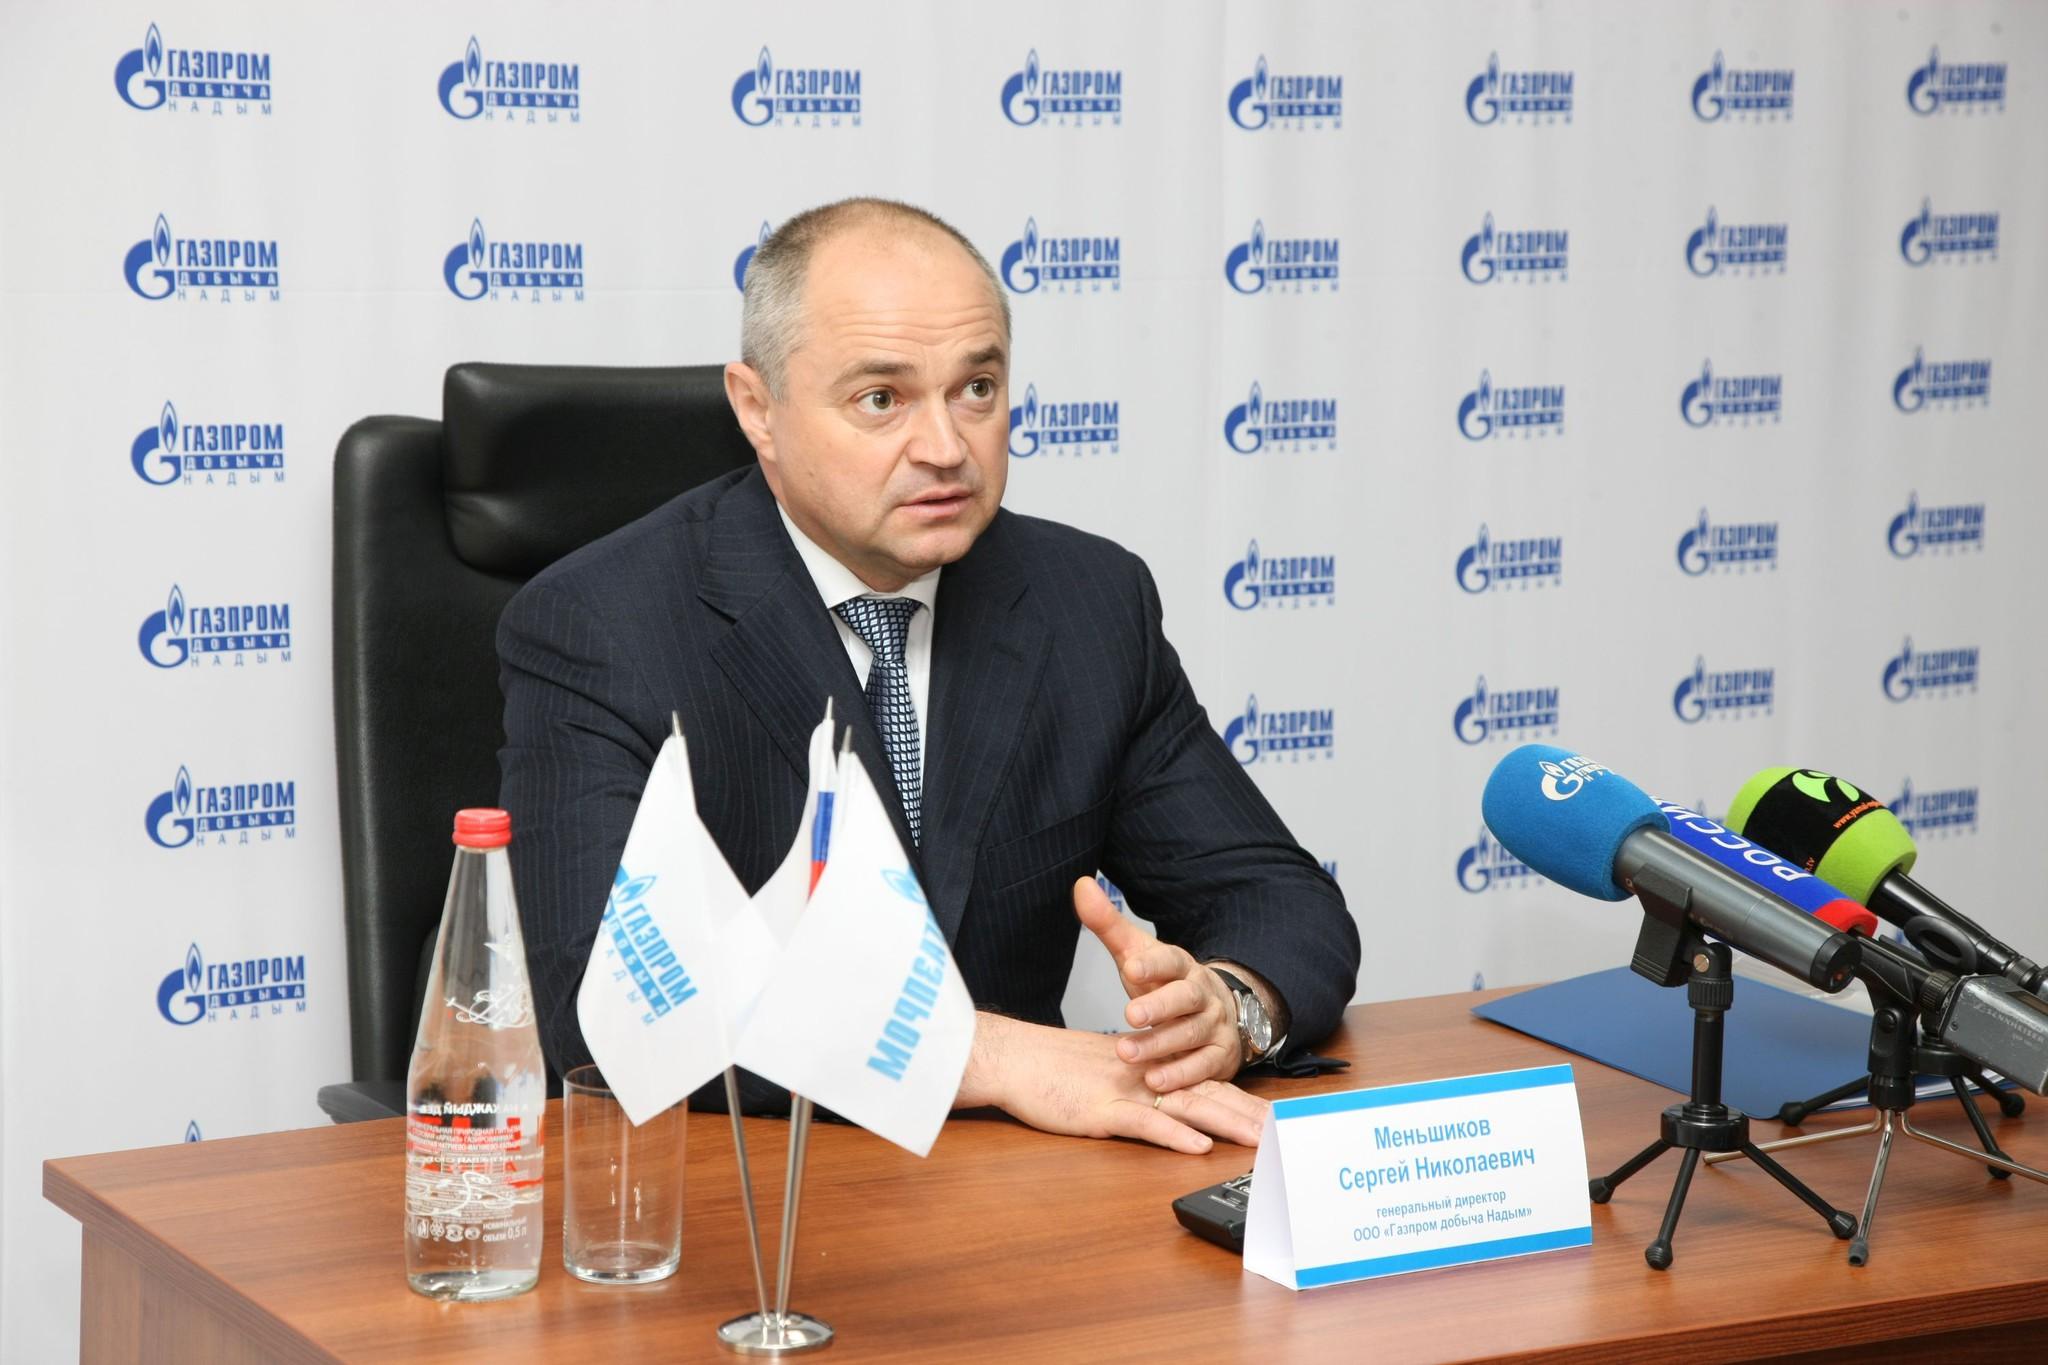 Члены совета директоров газпрома 27 фотография